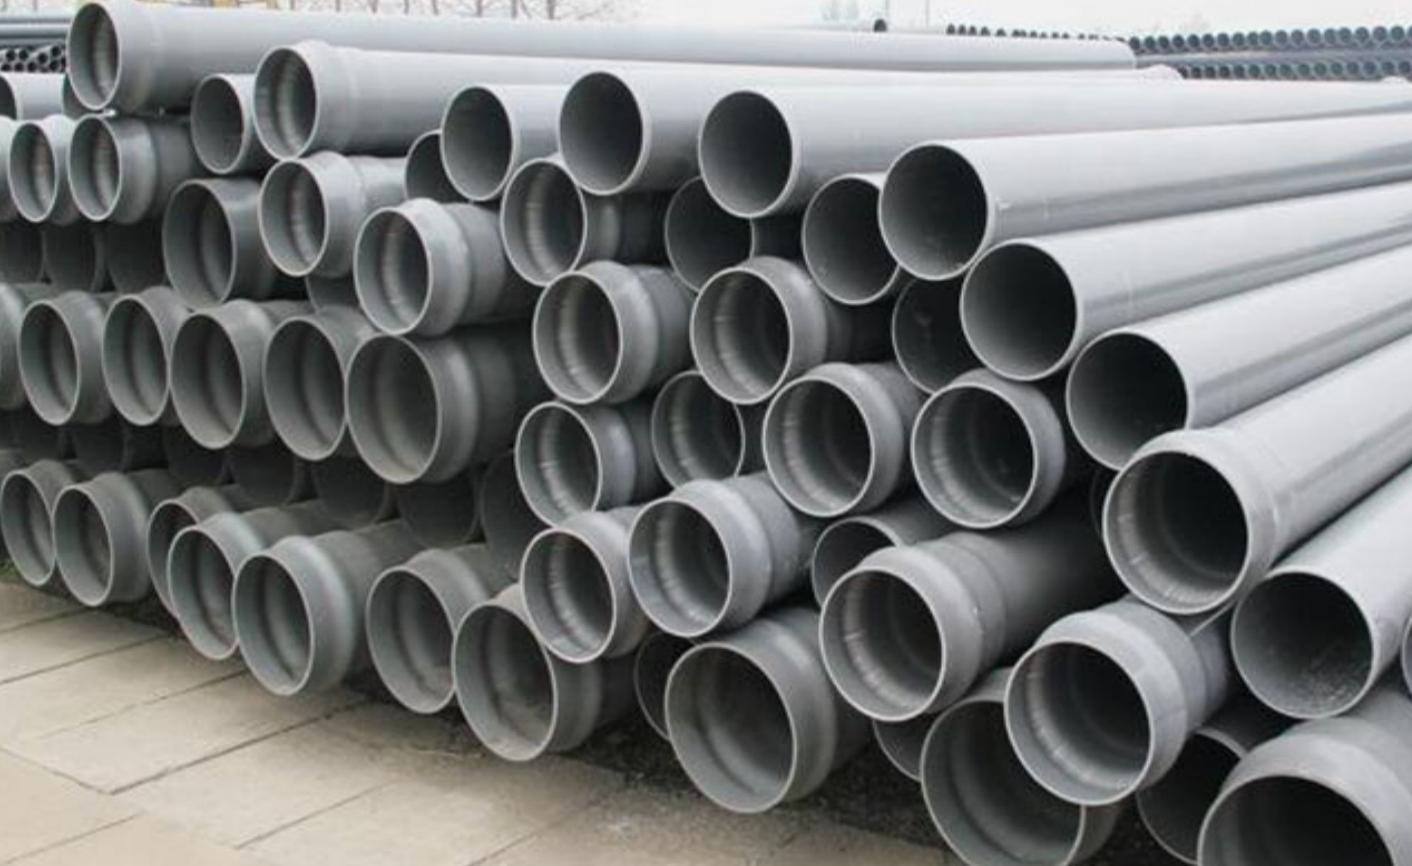 Бесшумная канализация и напорные трубы НПВХ в Киеве от производителя